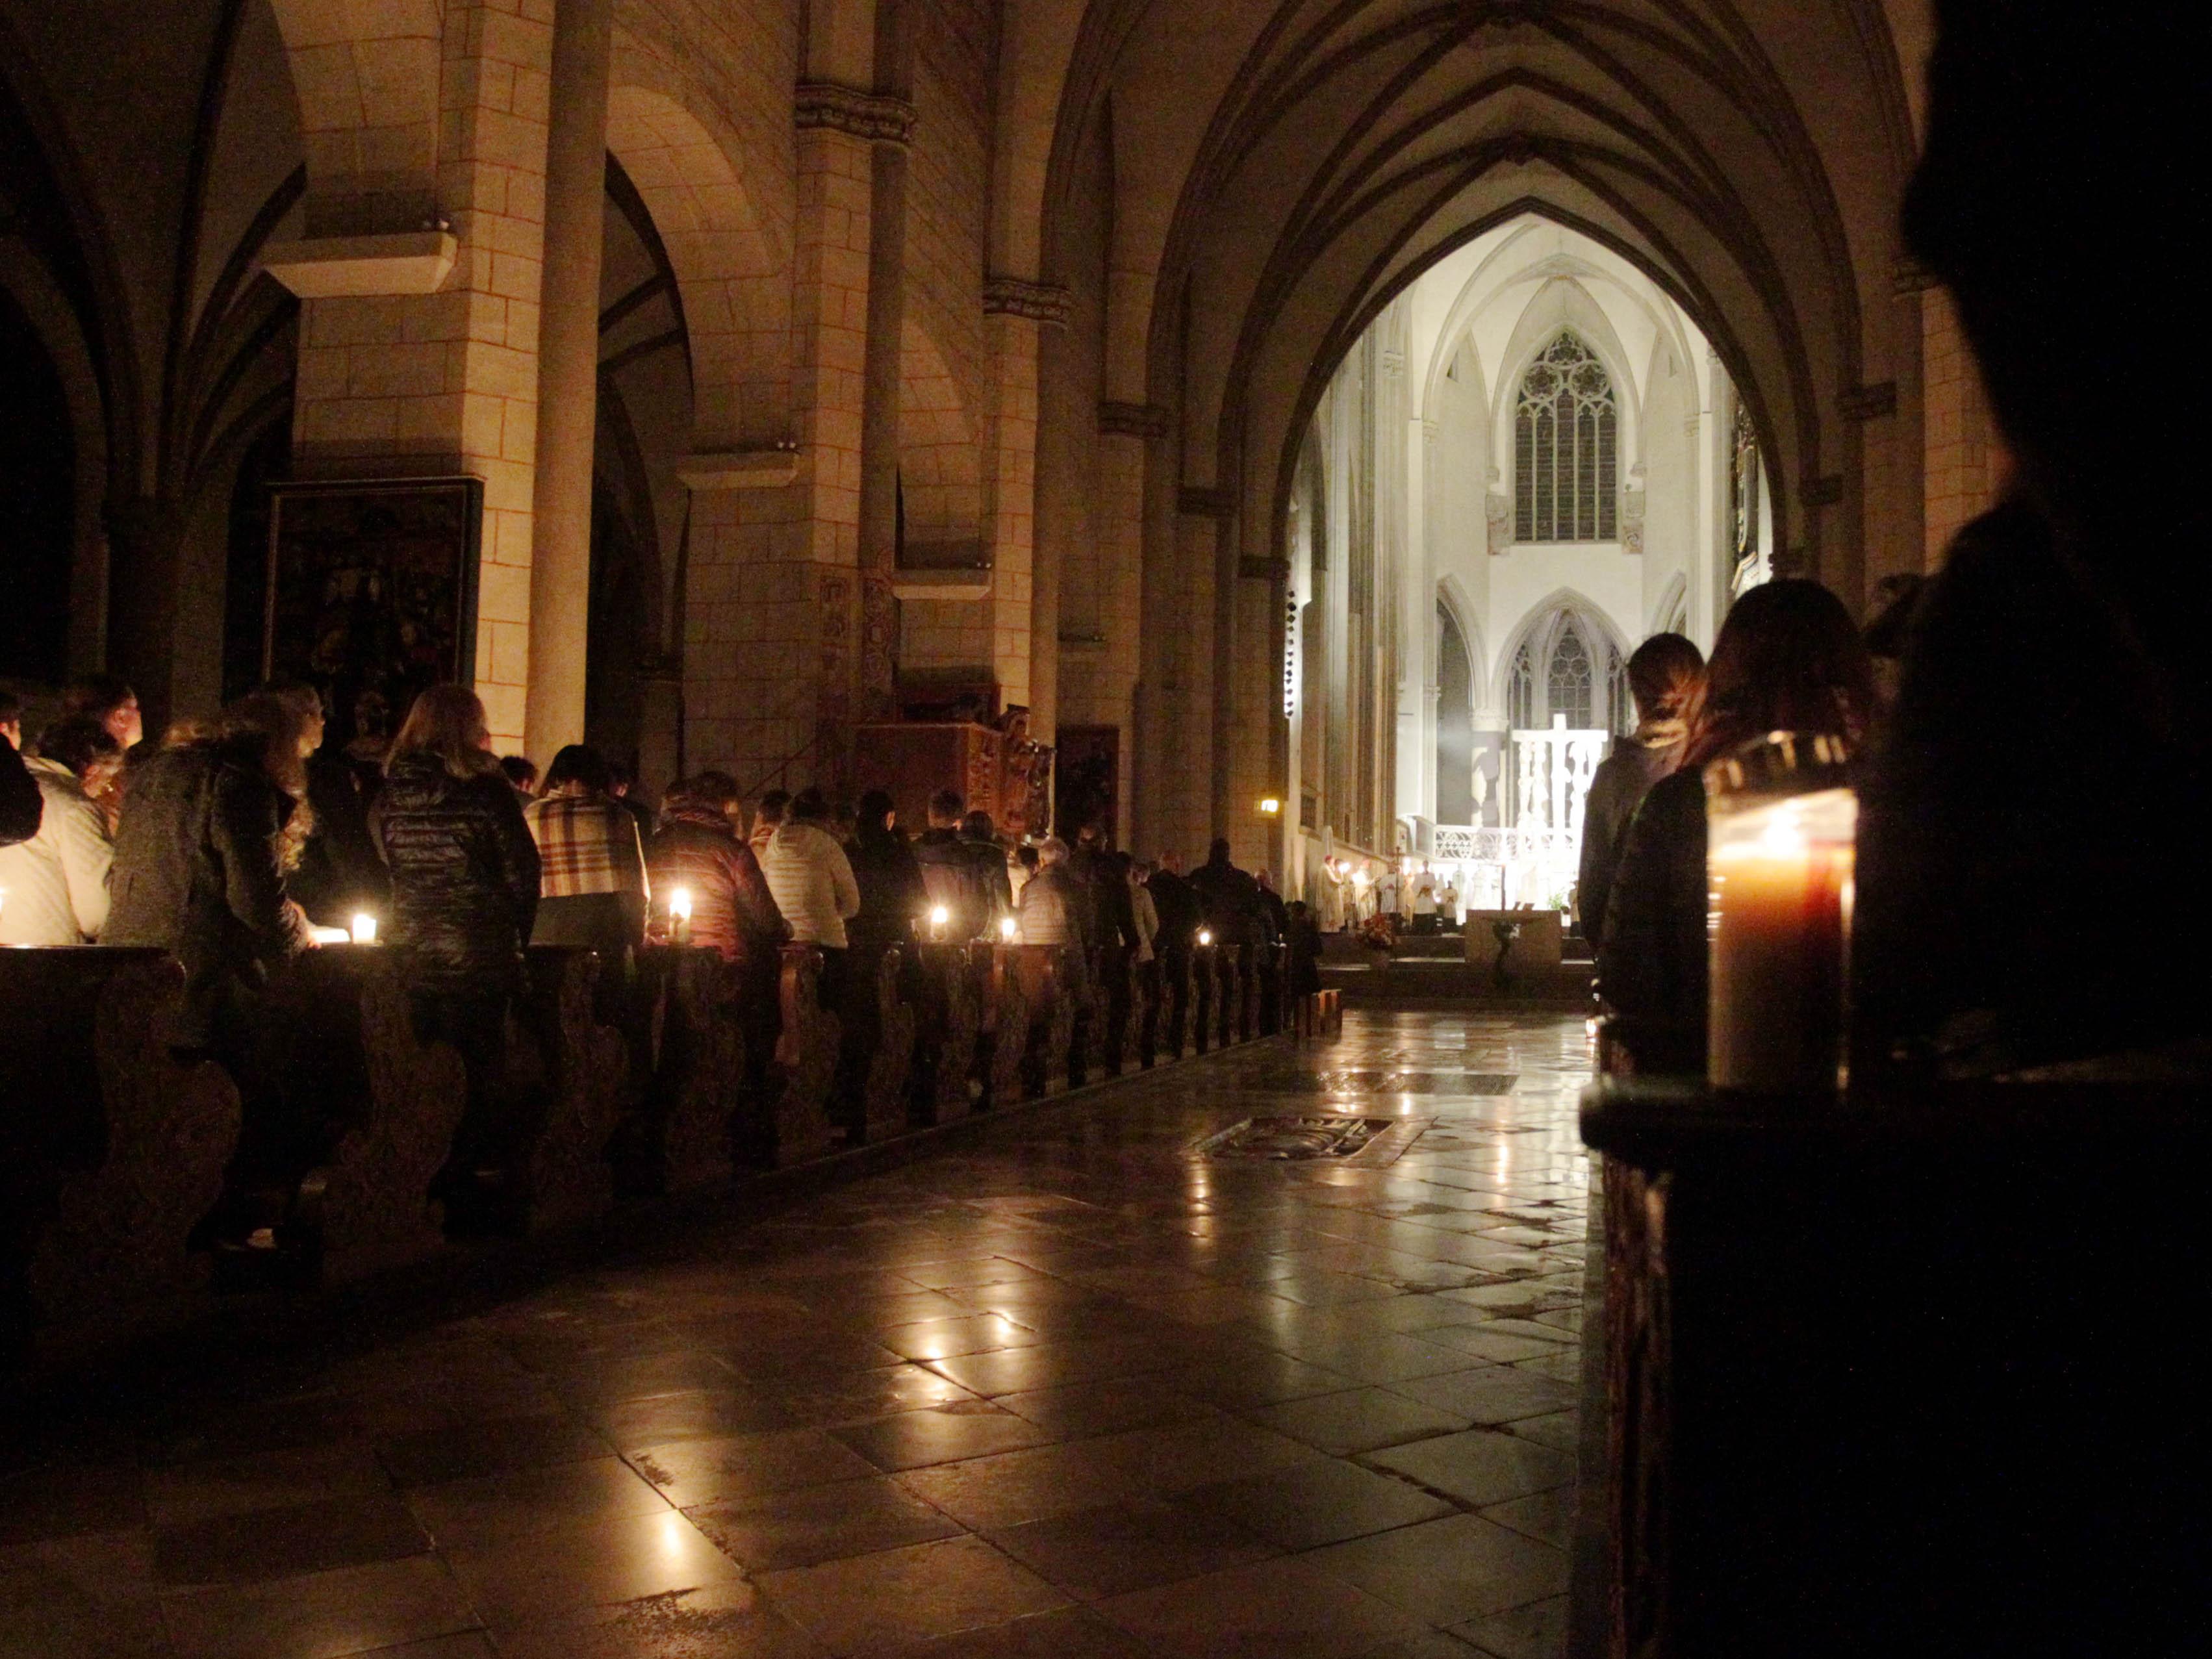 Osternacht im Augsburger Dom. (Fotos: Annette Zoepf / pba).